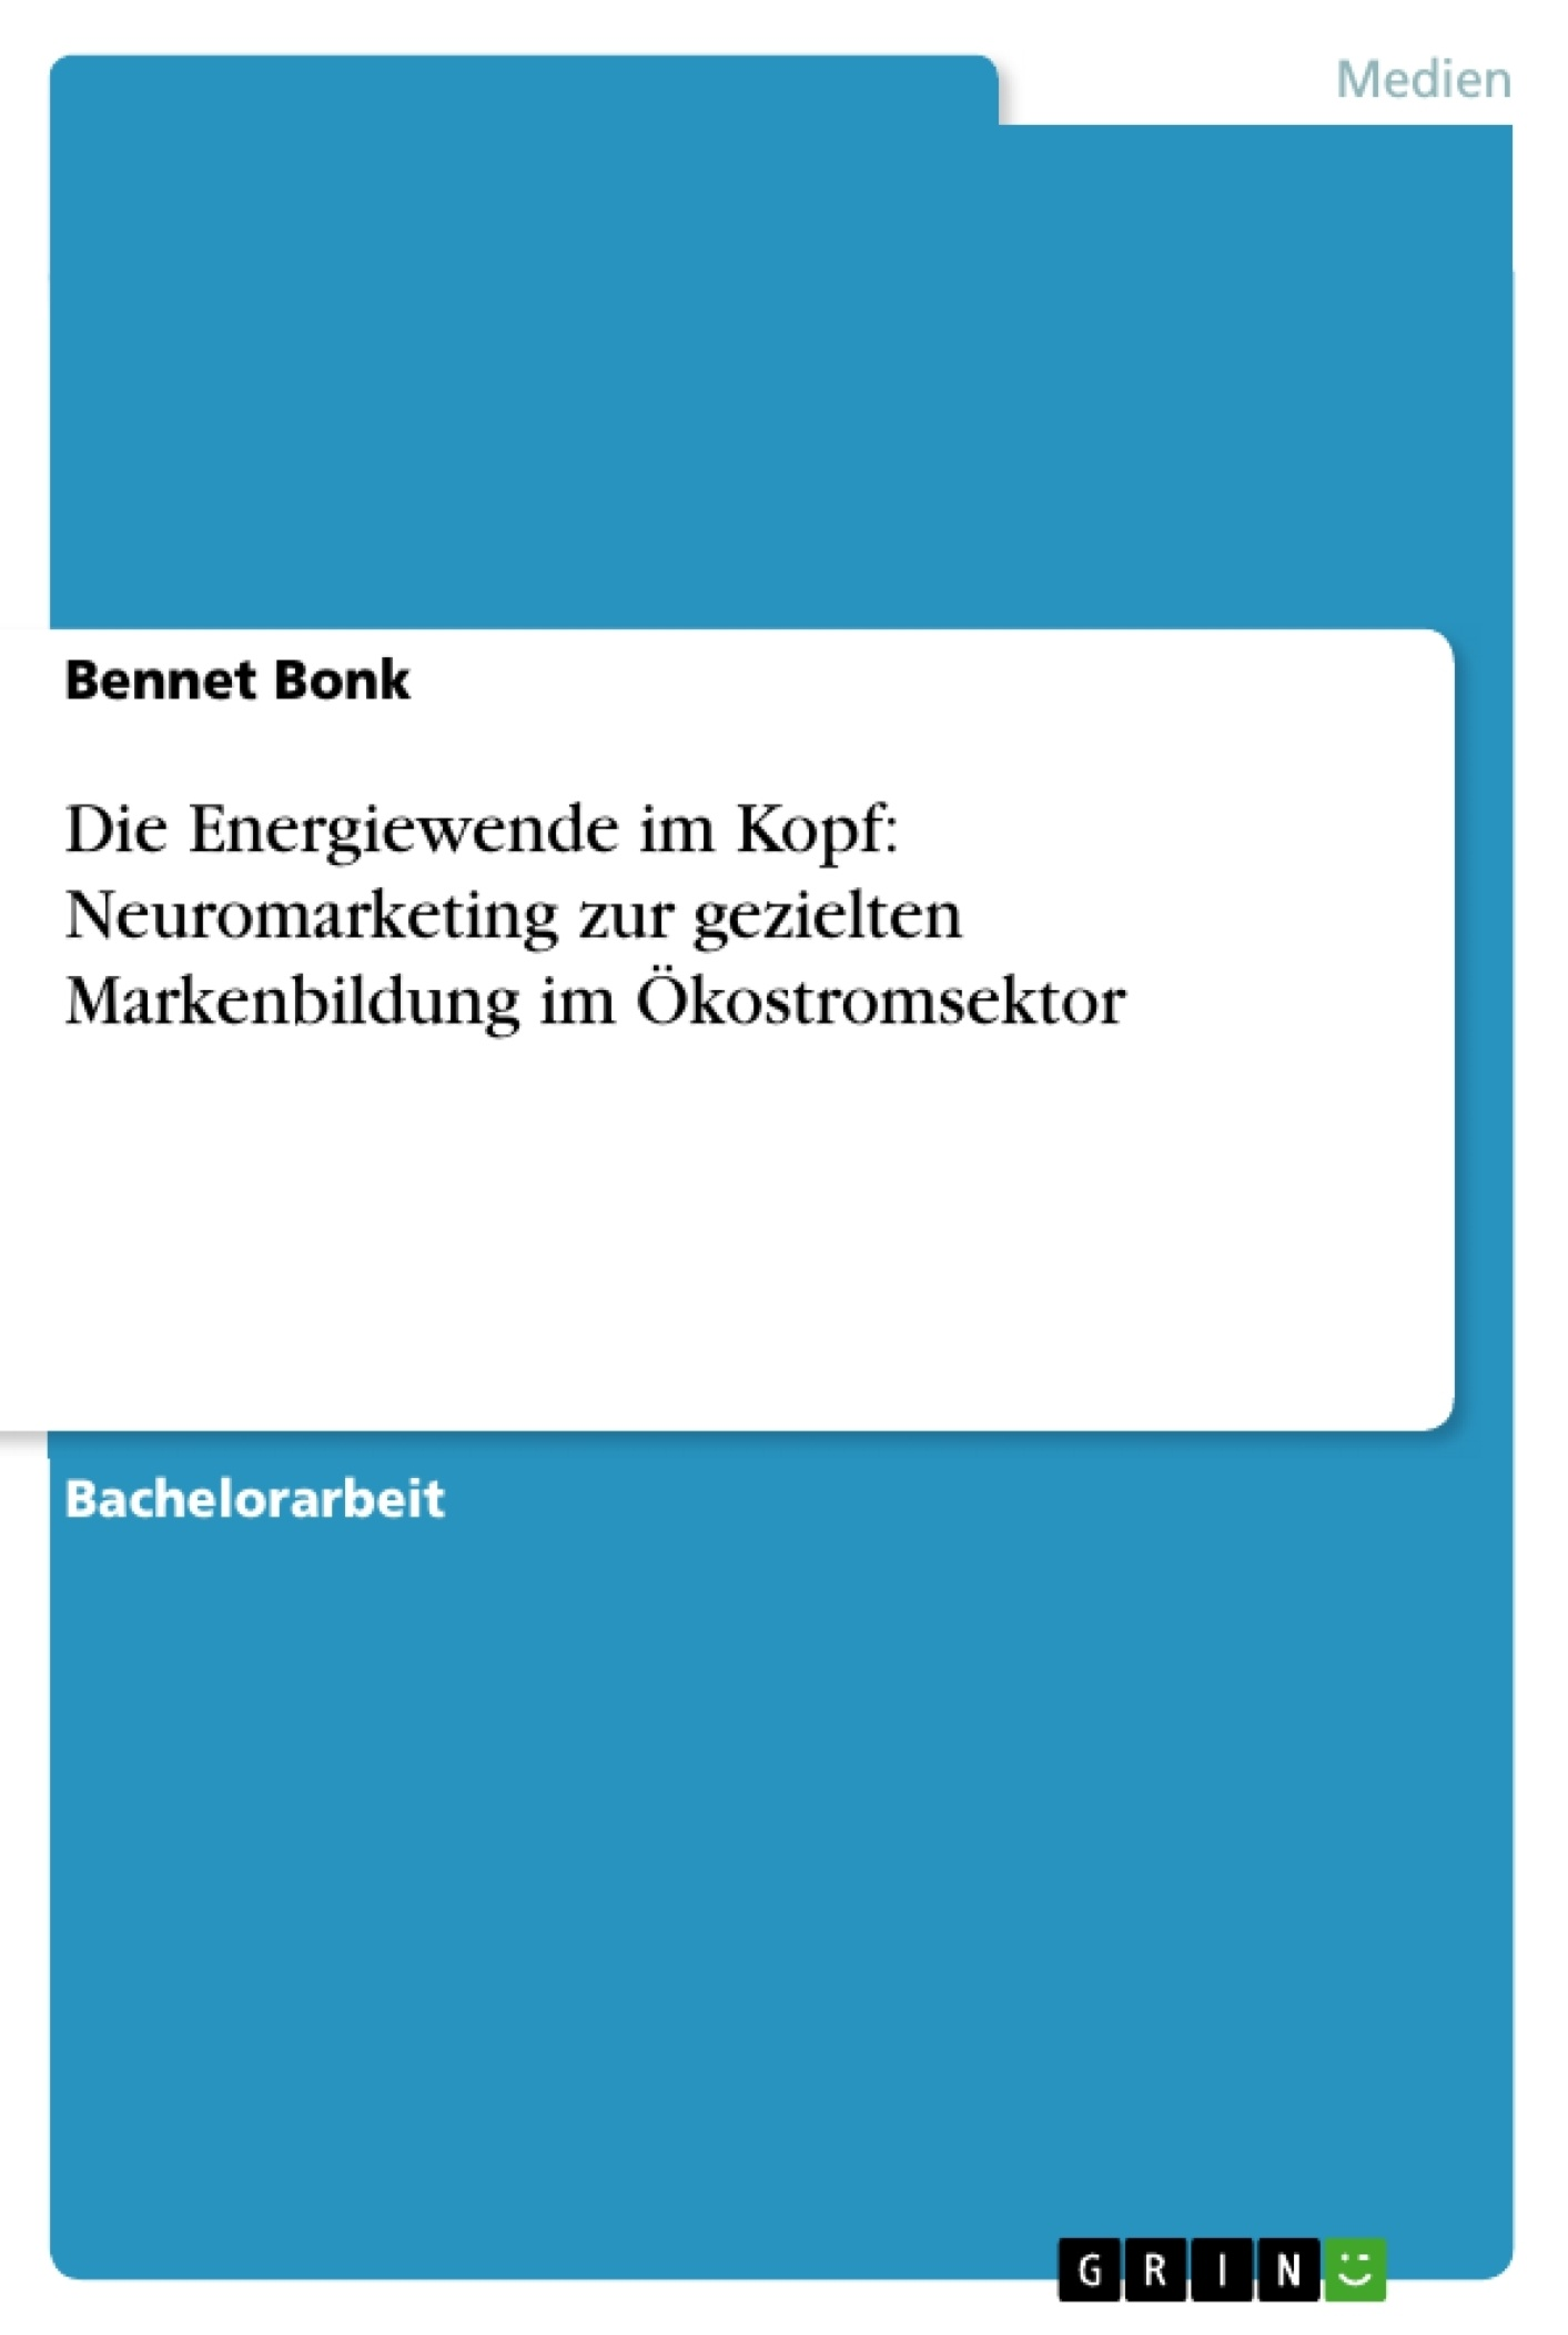 Titel: Die Energiewende im Kopf: Neuromarketing zur gezielten Markenbildung im Ökostromsektor